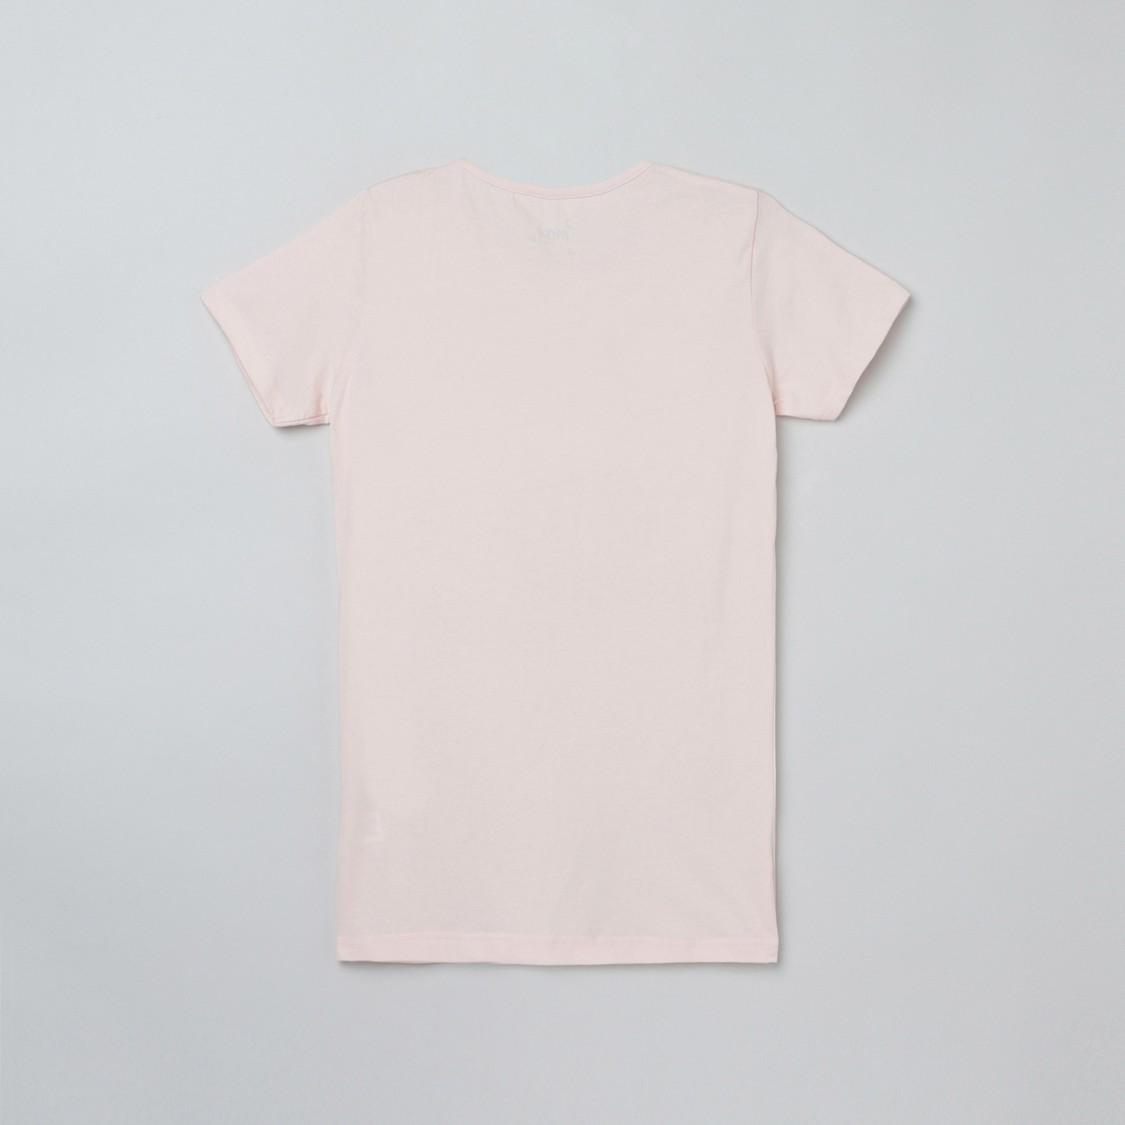 MAX Printed Cap Sleeves T-shirt with Pyjamas